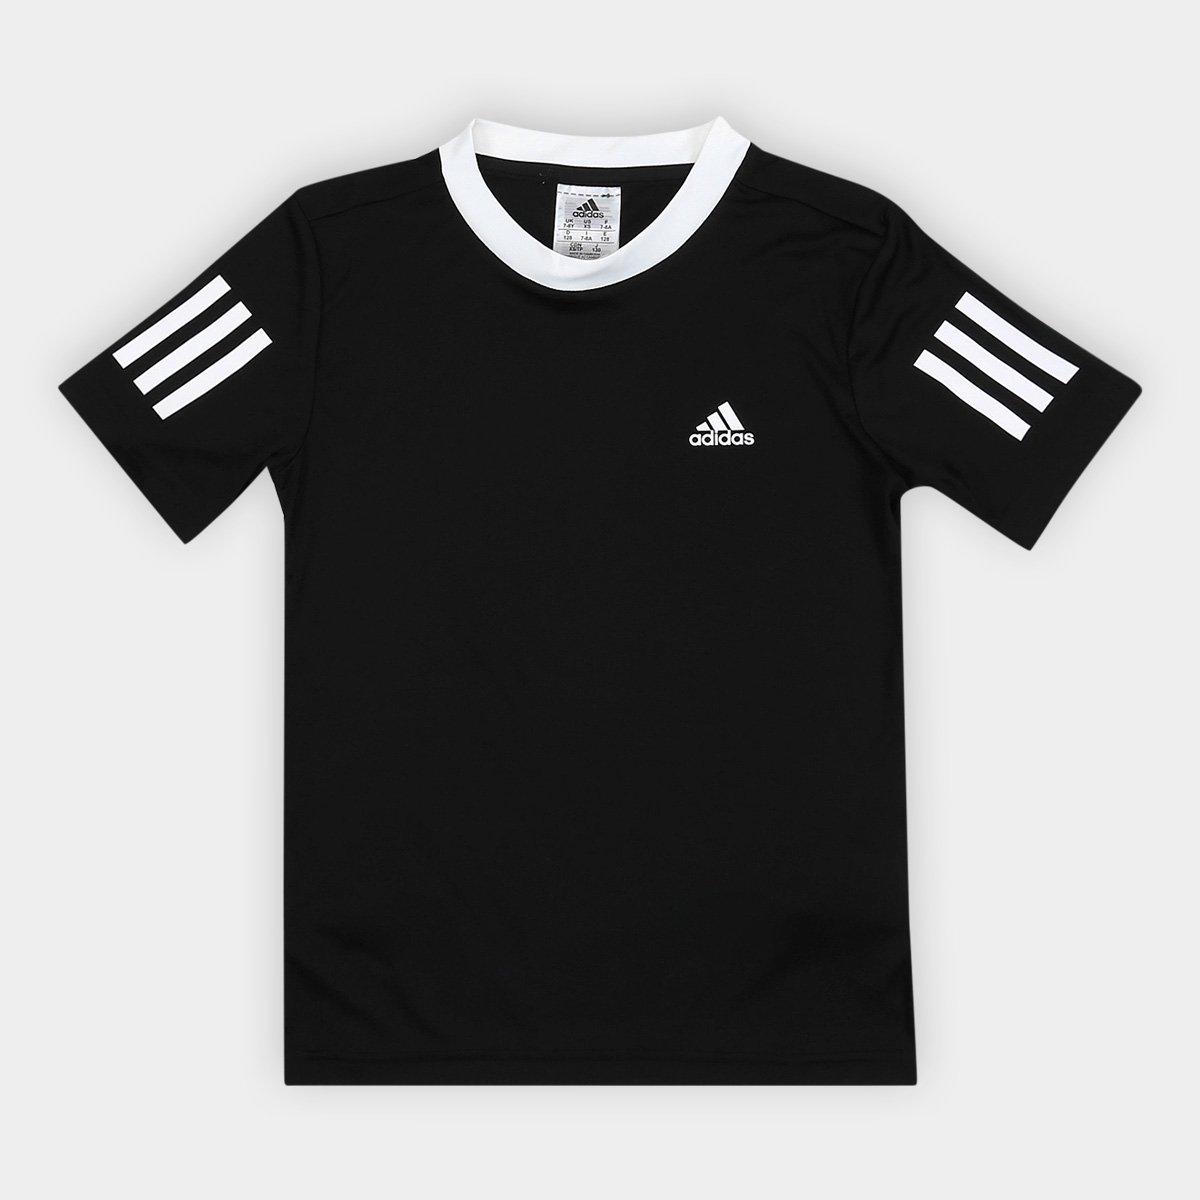 8124f6682f8ec Camiseta Adidas B Club Proteção UV Infantil Masculina - Preto - Compre Agora